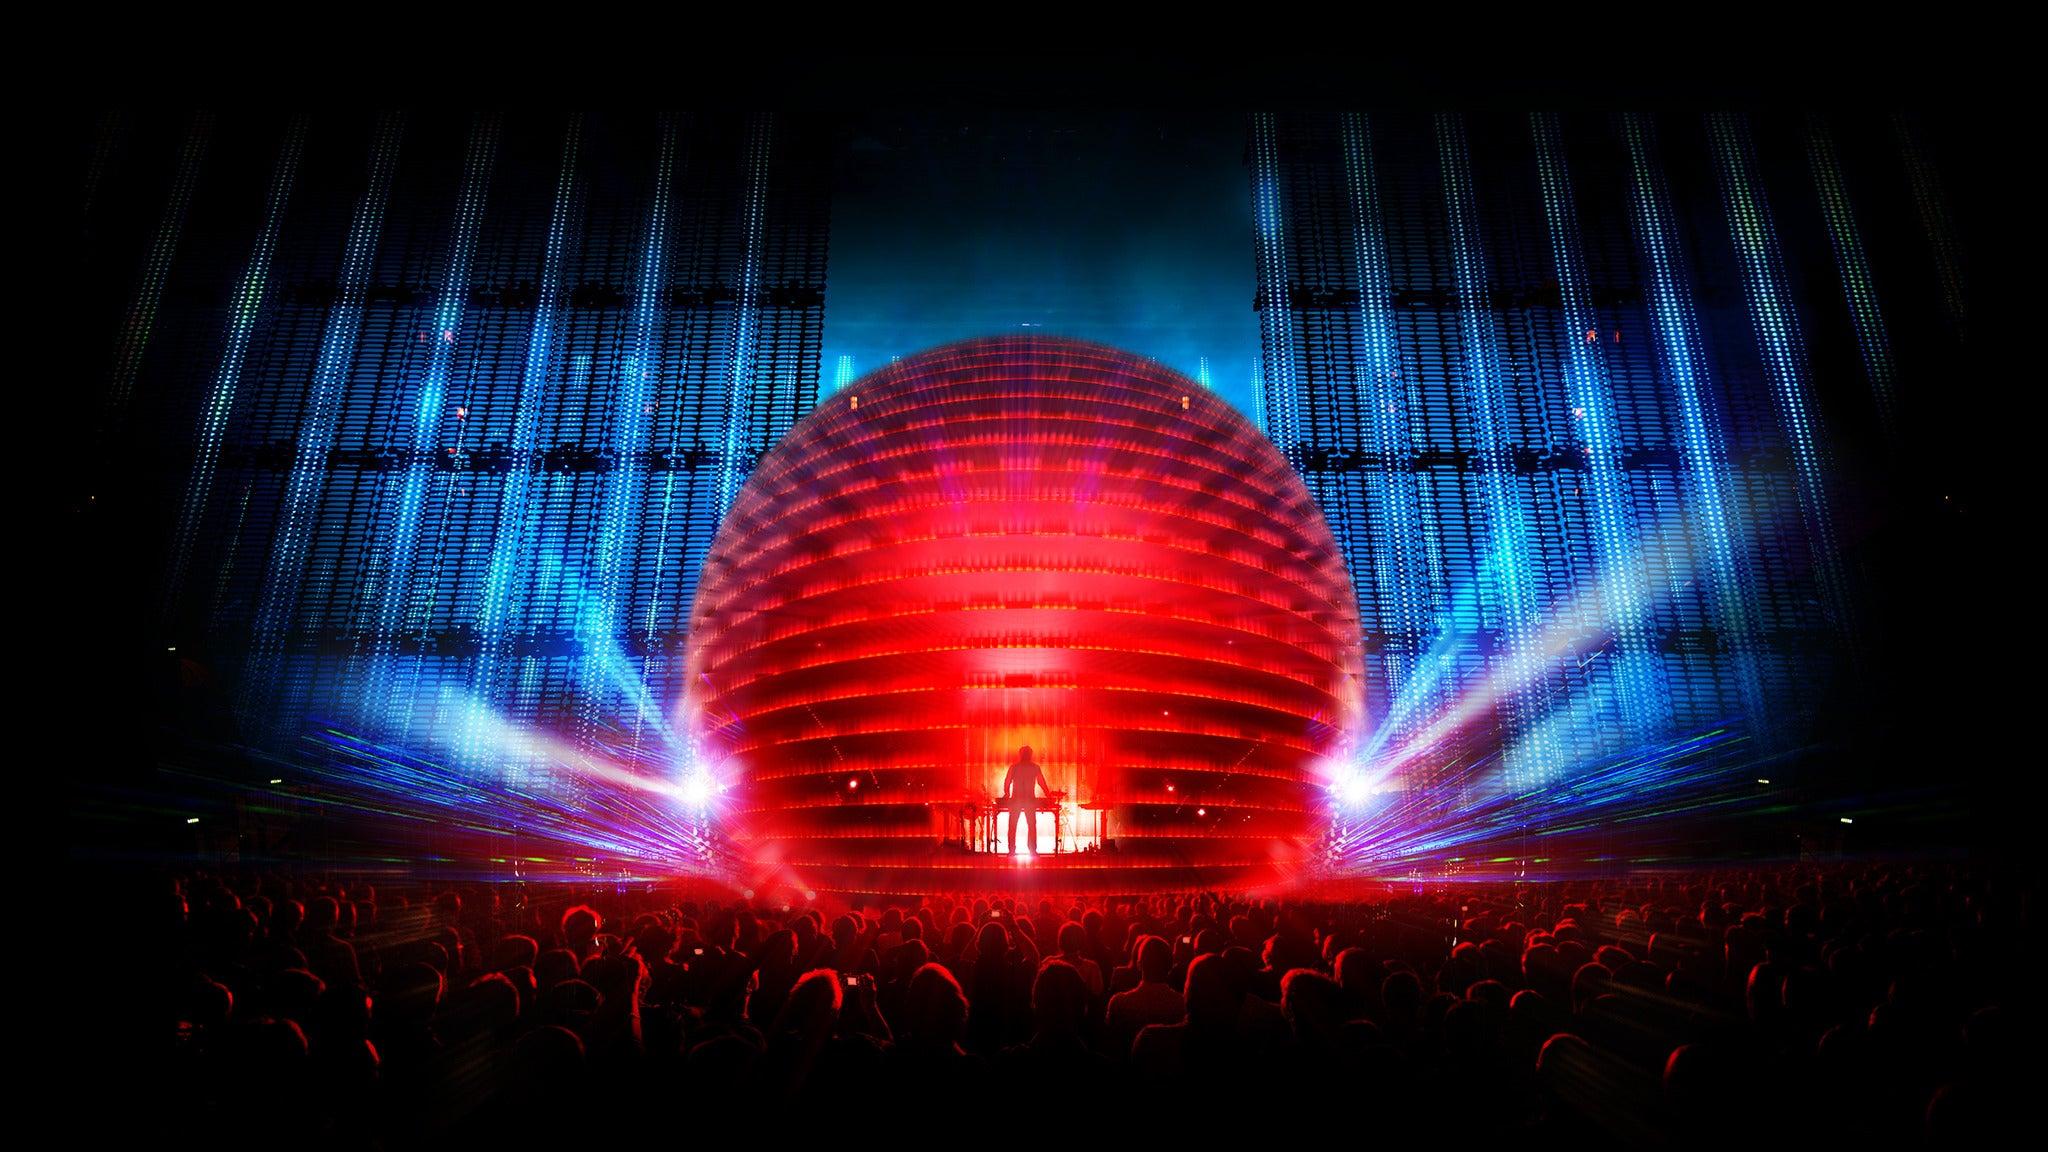 Jean-Michel Jarre - Electronica Tour at Auditorium Theatre